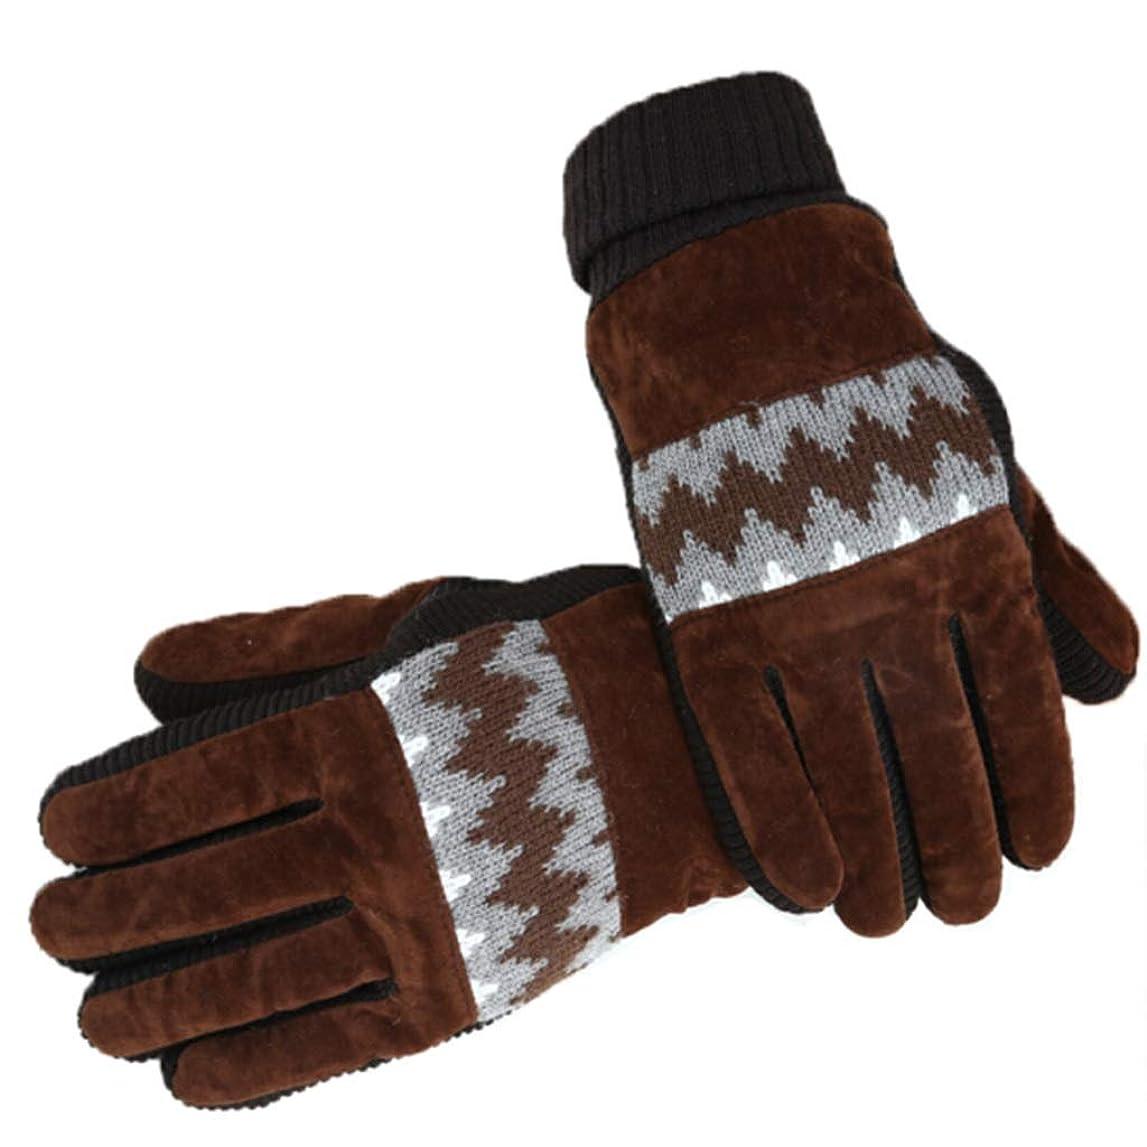 廃止する掘る愛人手袋の男性の冬プラスベルベット寒い暖かいサイクリング秋と冬の防風タッチスクリーンの綿手袋の水リップル黒 (色 : Brown)